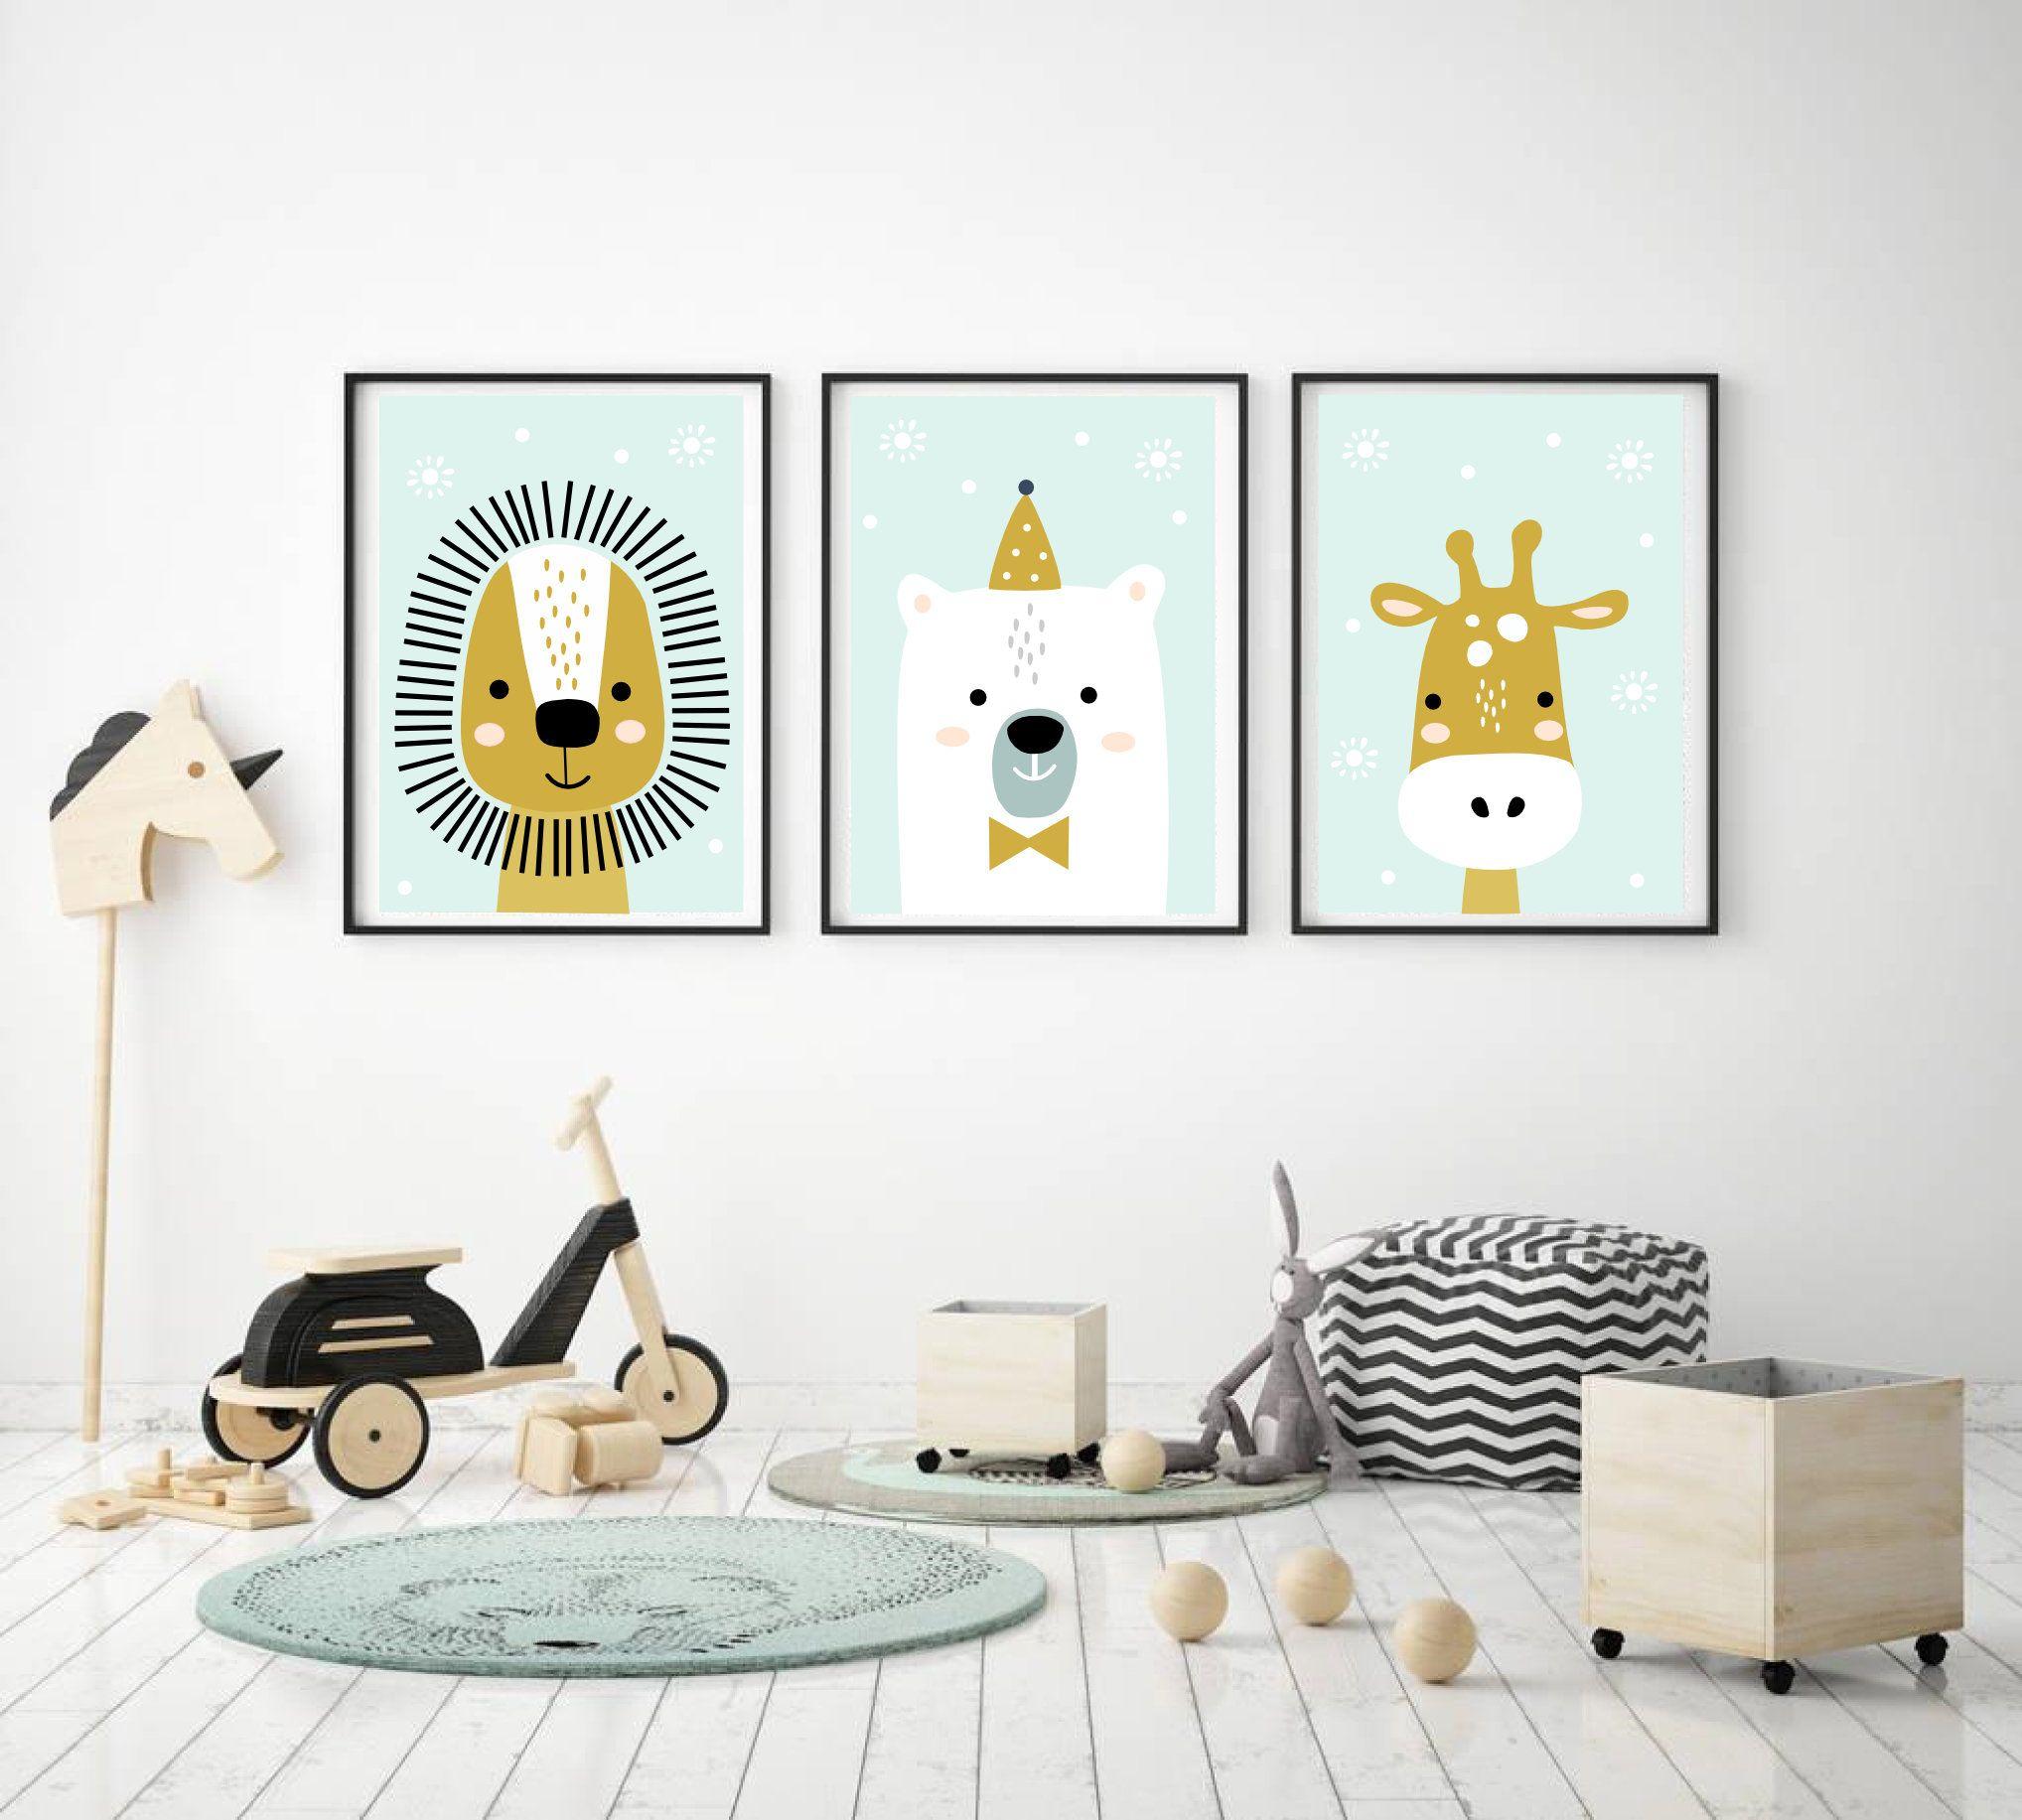 Plakaty Do Pokoju Dziecka Plakaty Dla Dziecka Plakaty Dla